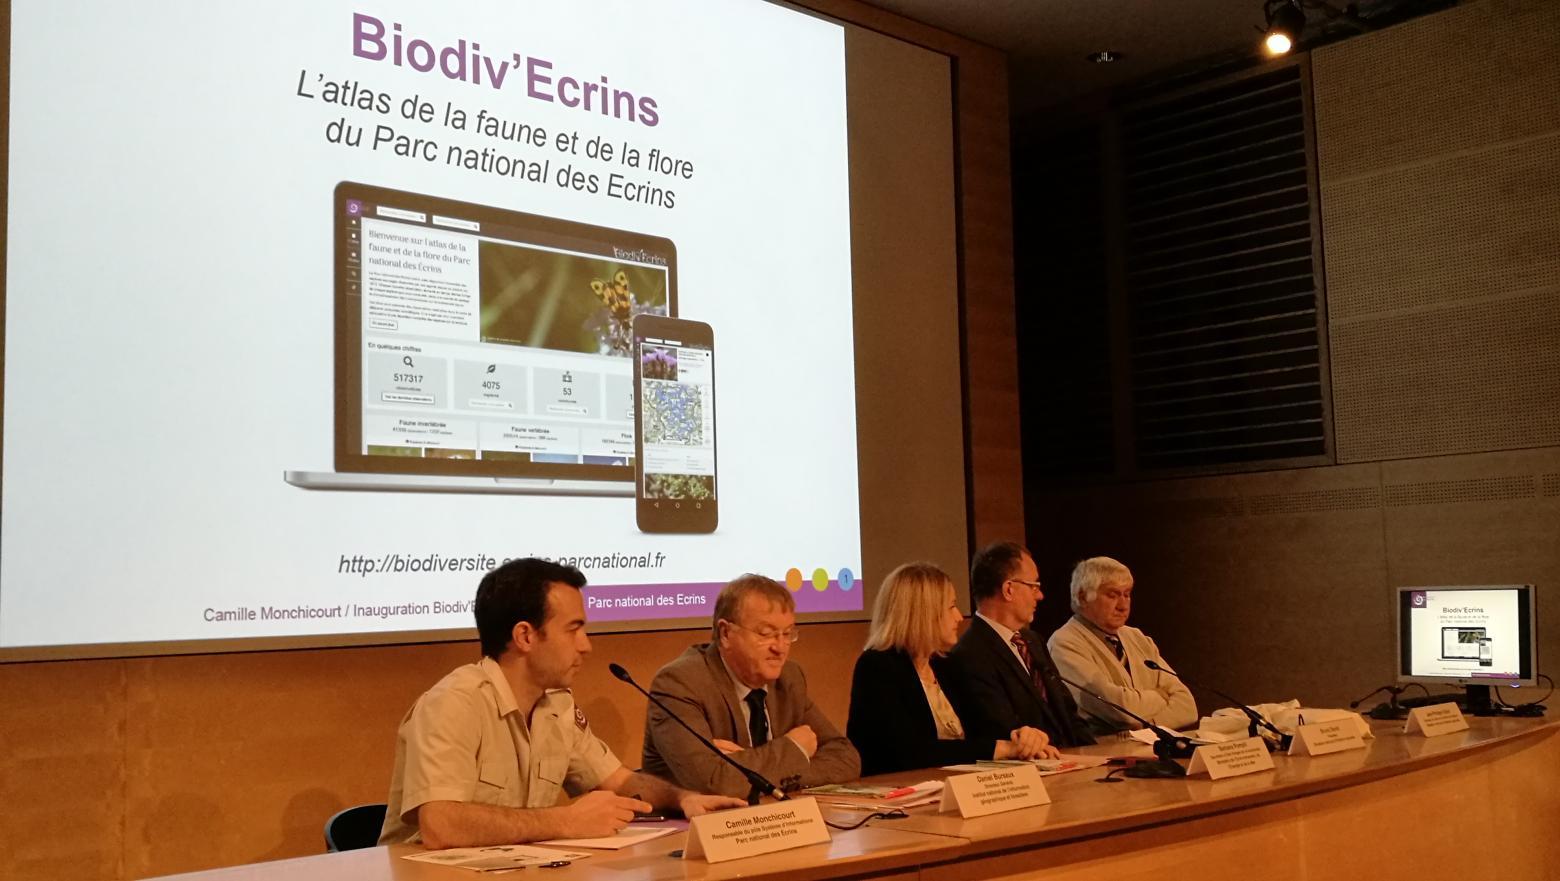 Inauguration Biodiv'Ecrins au muséum national d'histoire naturelle à Paris - 29 novembre 2016 © Parc national des Ecrins